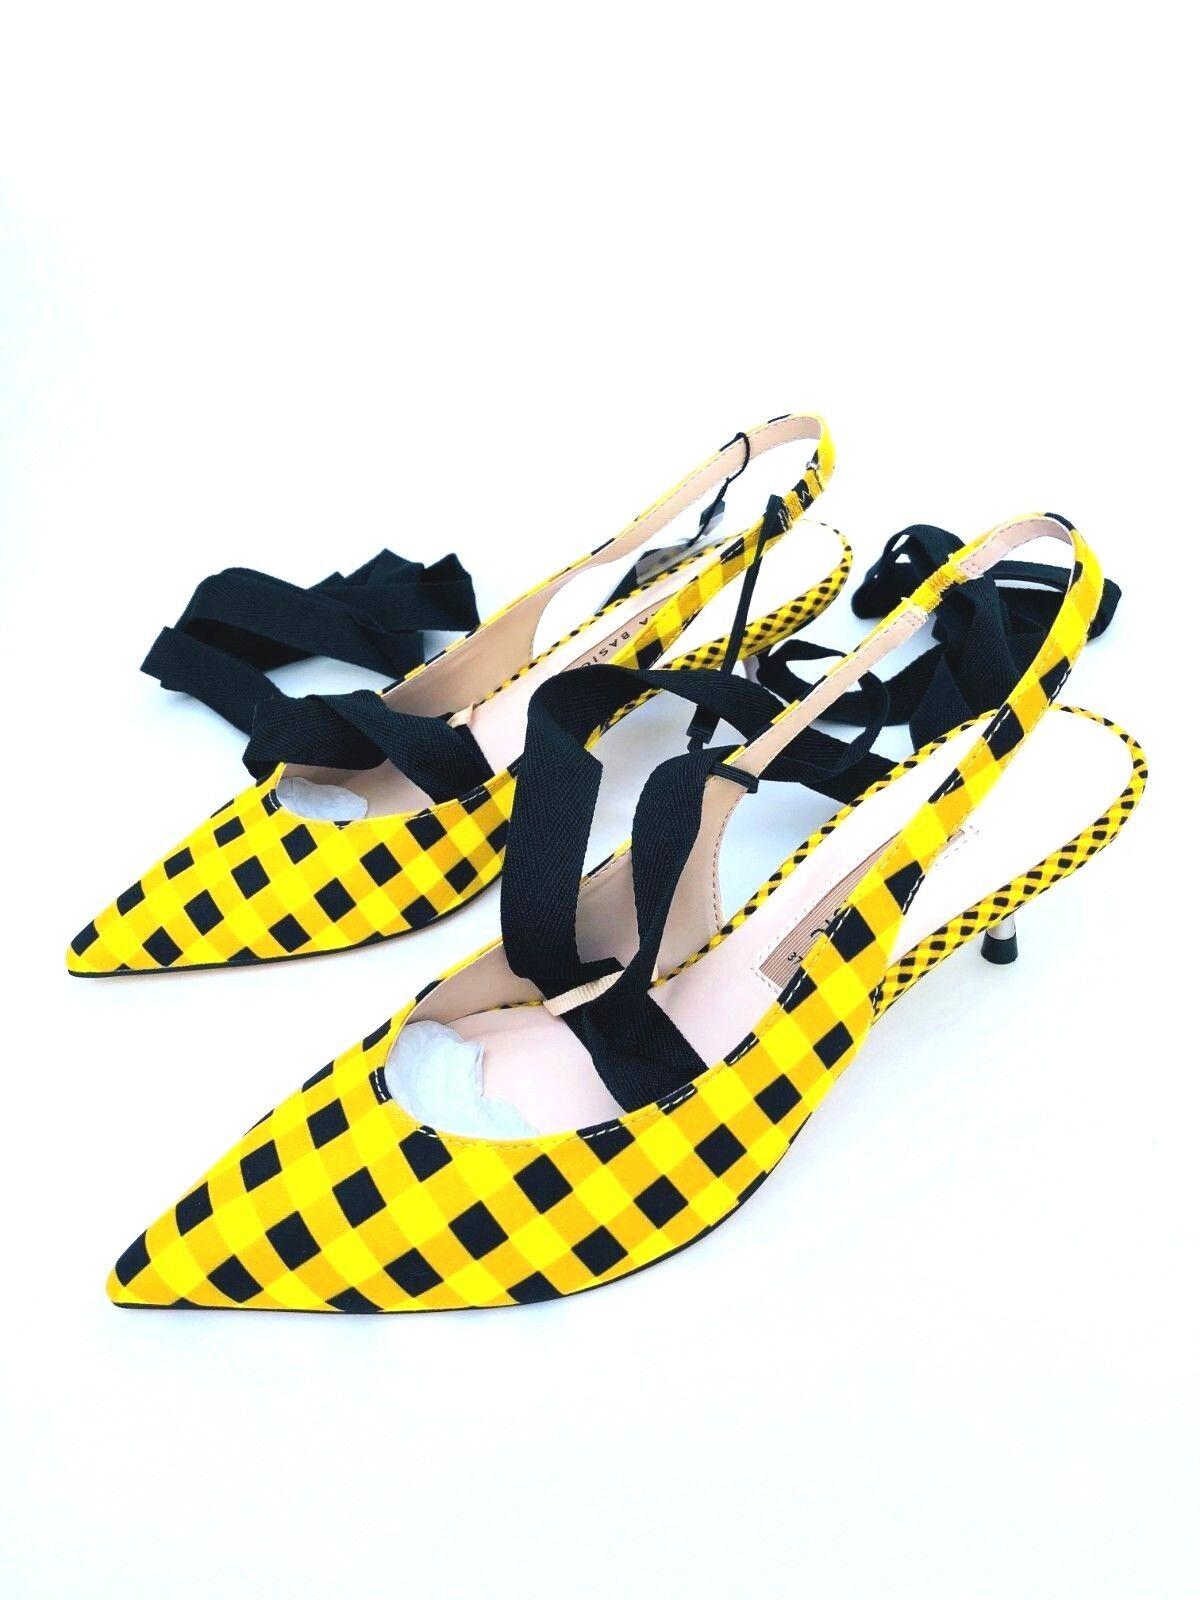 a prezzi accessibili Zara Giallo Percalle ALL. dietro dietro dietro le scarpe con fiocco UK4 UK5 UK6 RIF. 2234 301  miglior prezzo